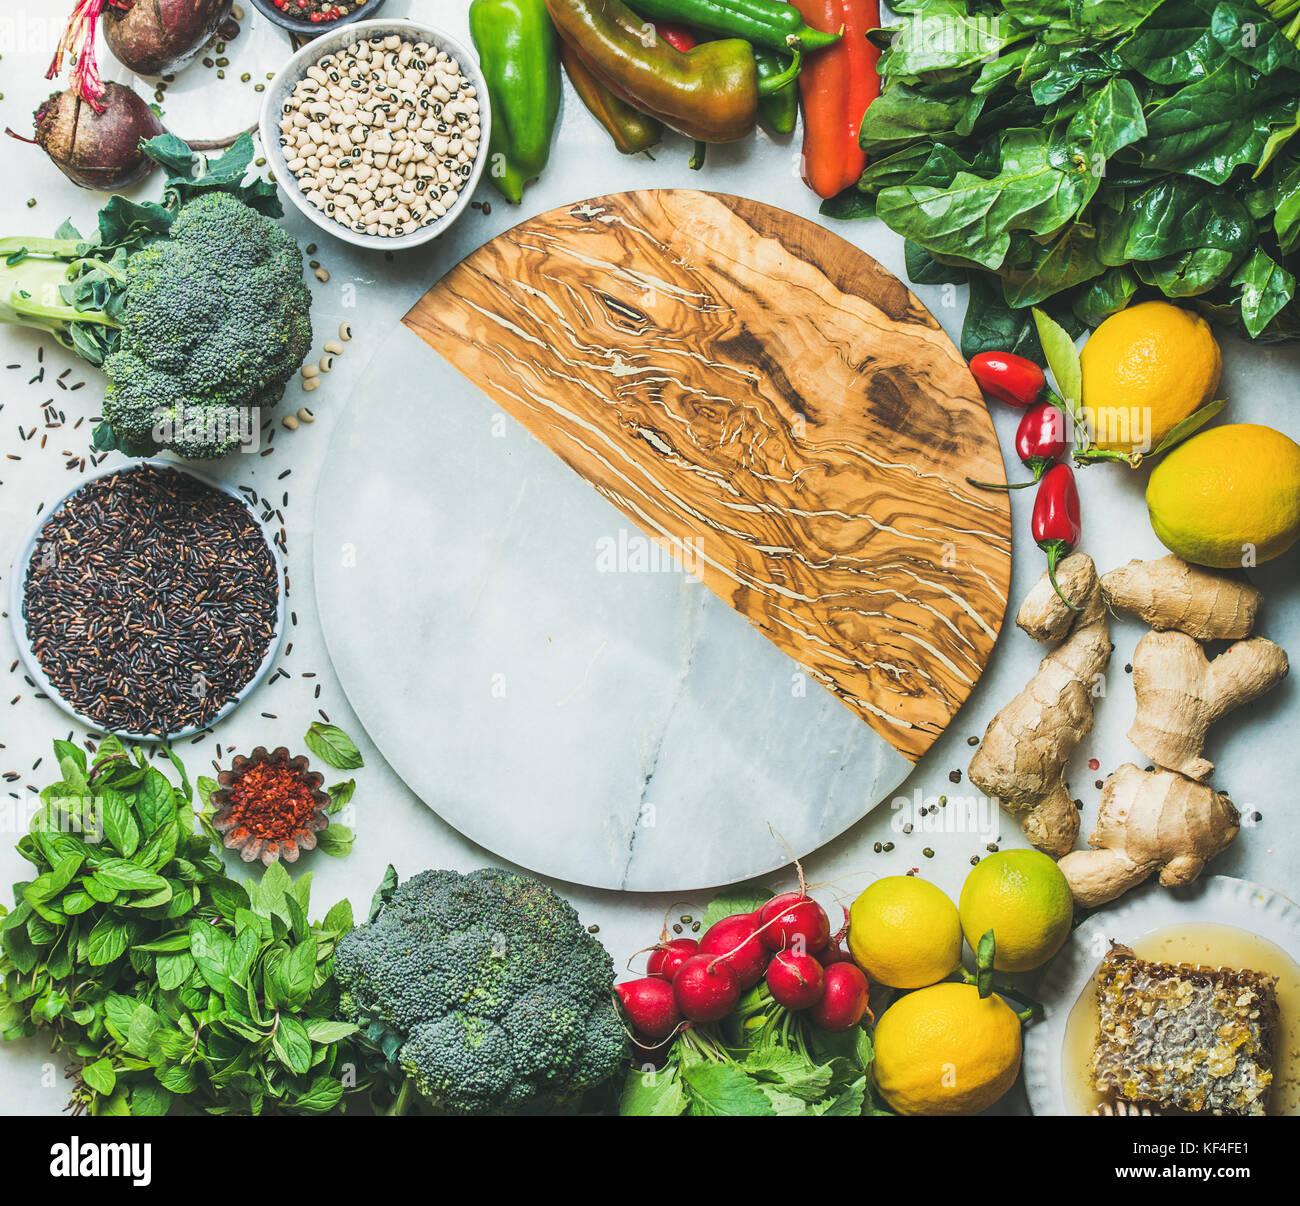 Comer sano limpio ingredientes de cocina con placa redonda en el centro Imagen De Stock